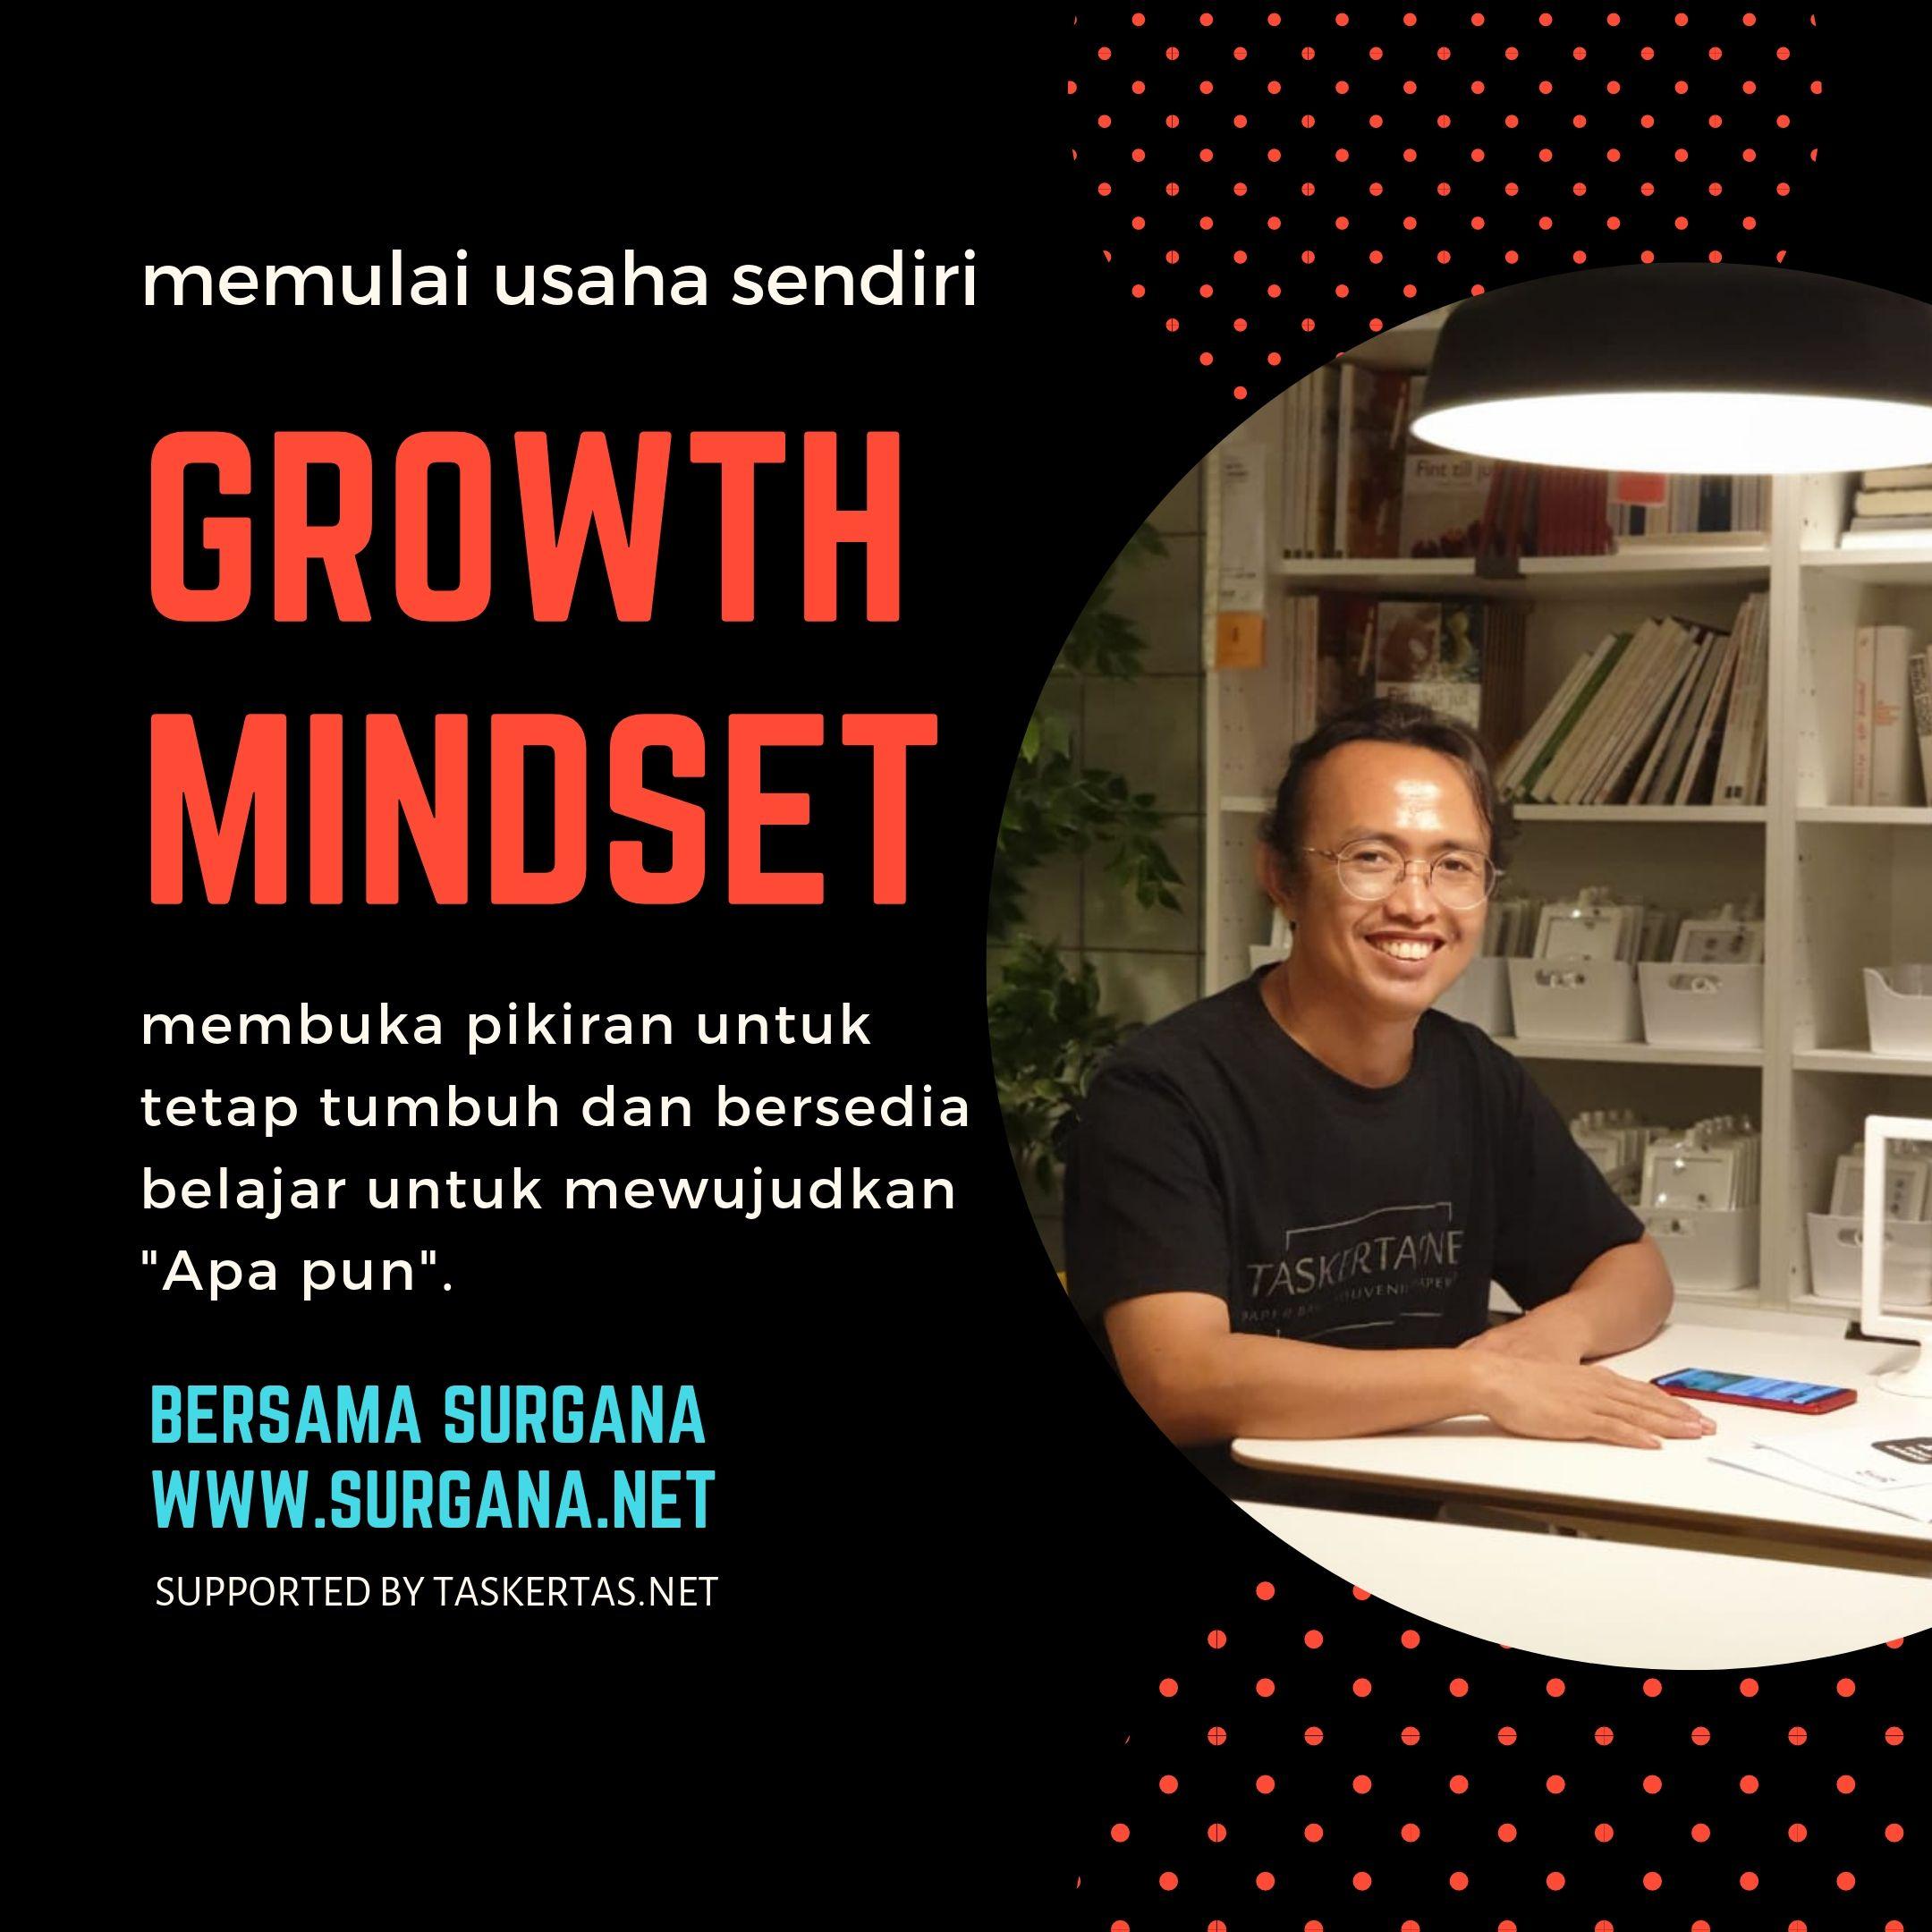 Motivasi Buka Bisnis Online 3